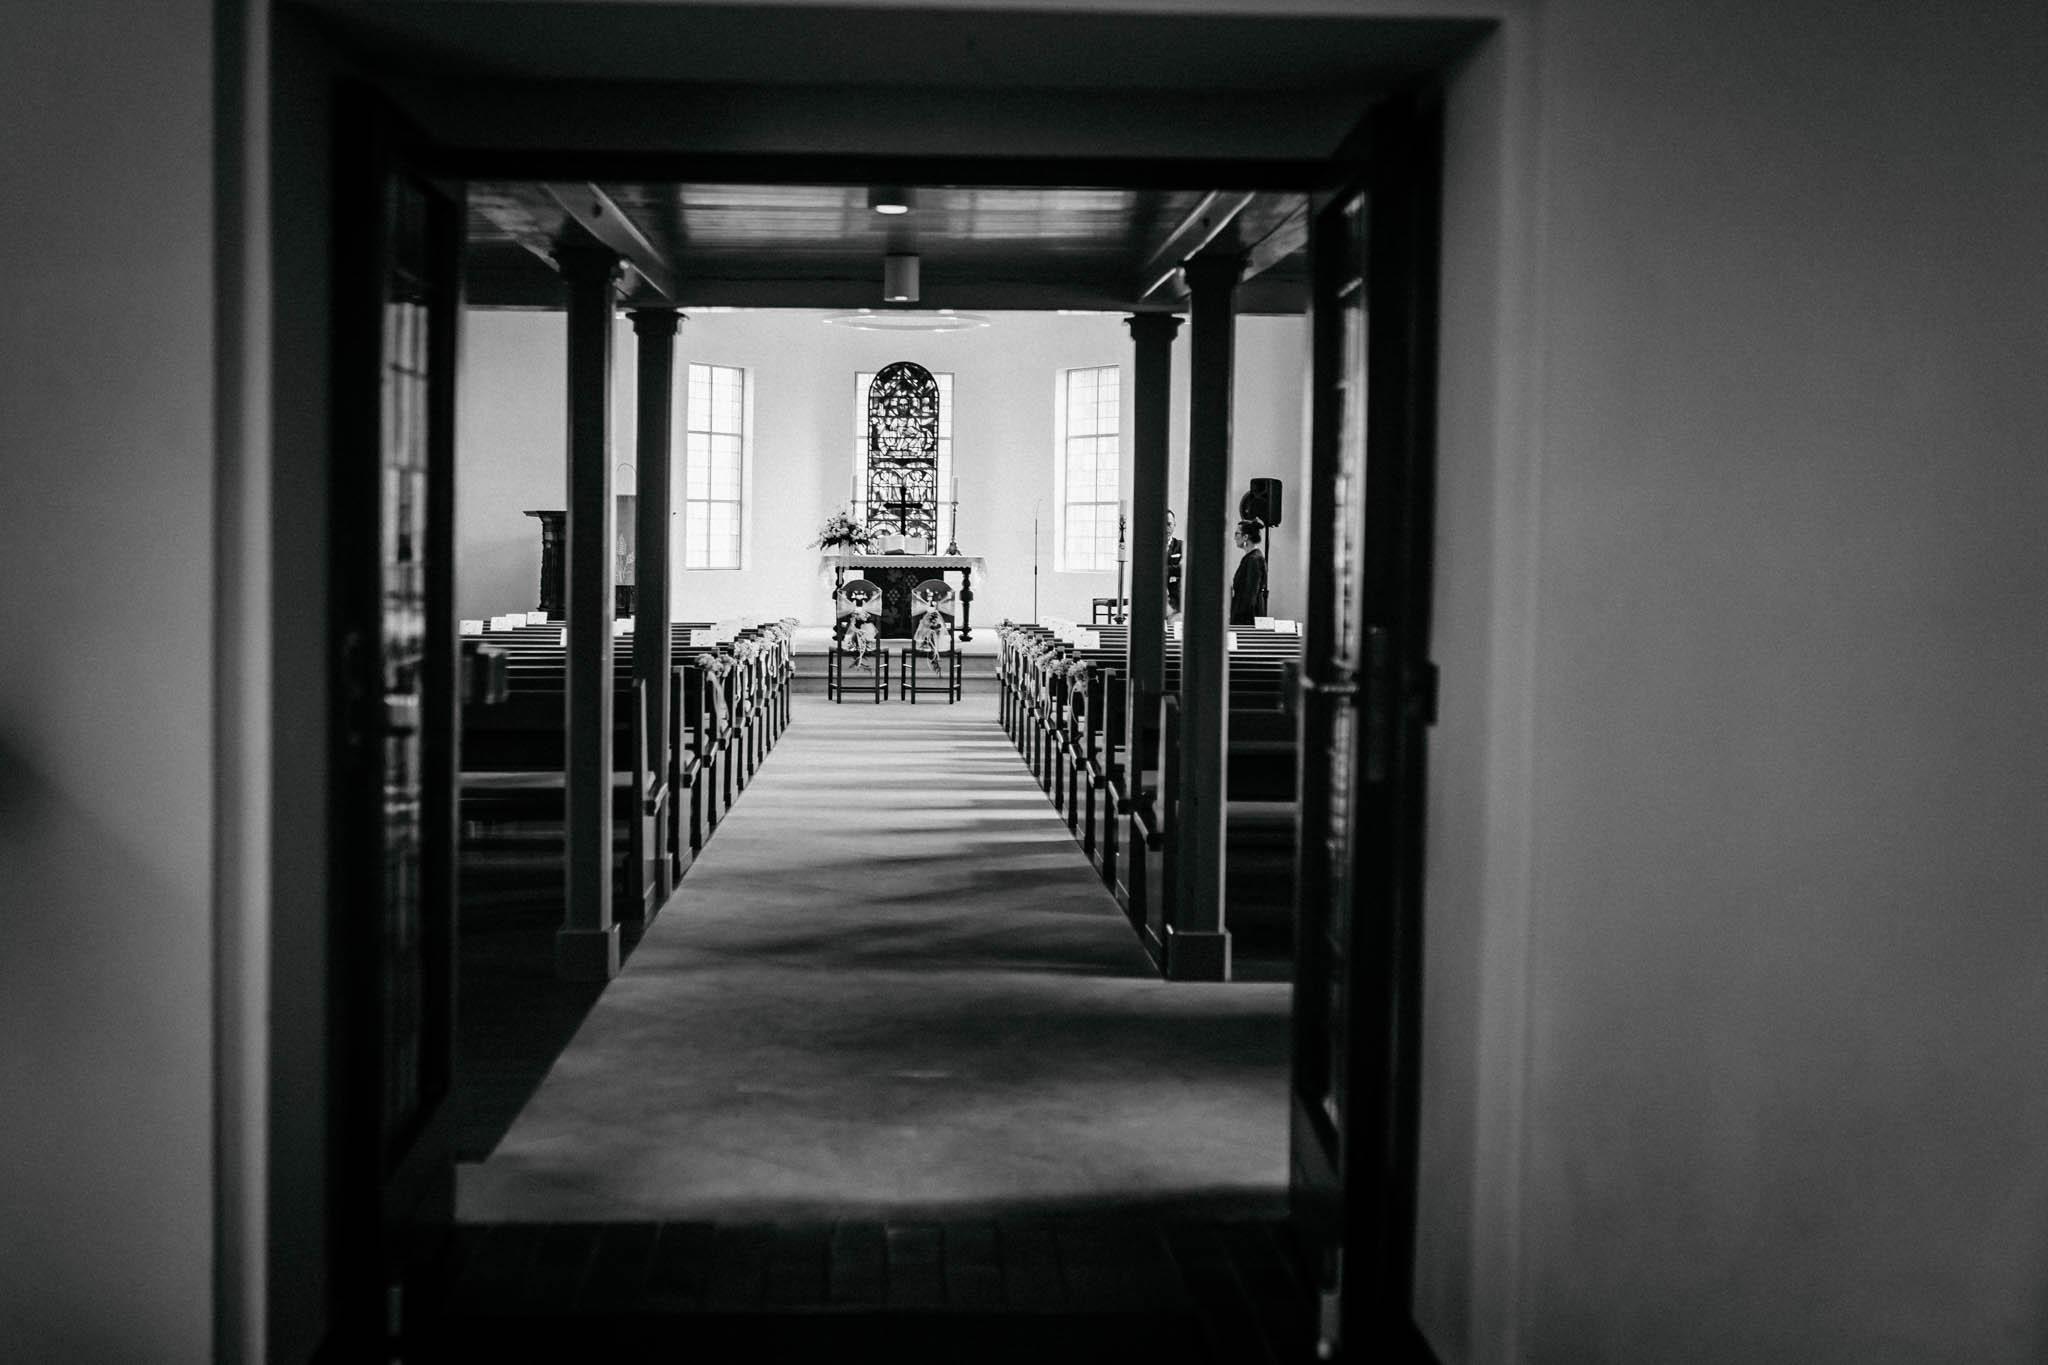 Hochzeitsfieber by Photo-Schomburg, Hochzeitsfotograf, Hamburg, Bremen, Hochzeitstag, Hochzeitspaar, Braut, Bräutigam, Bremen-Kränholm,Knoops Park-65